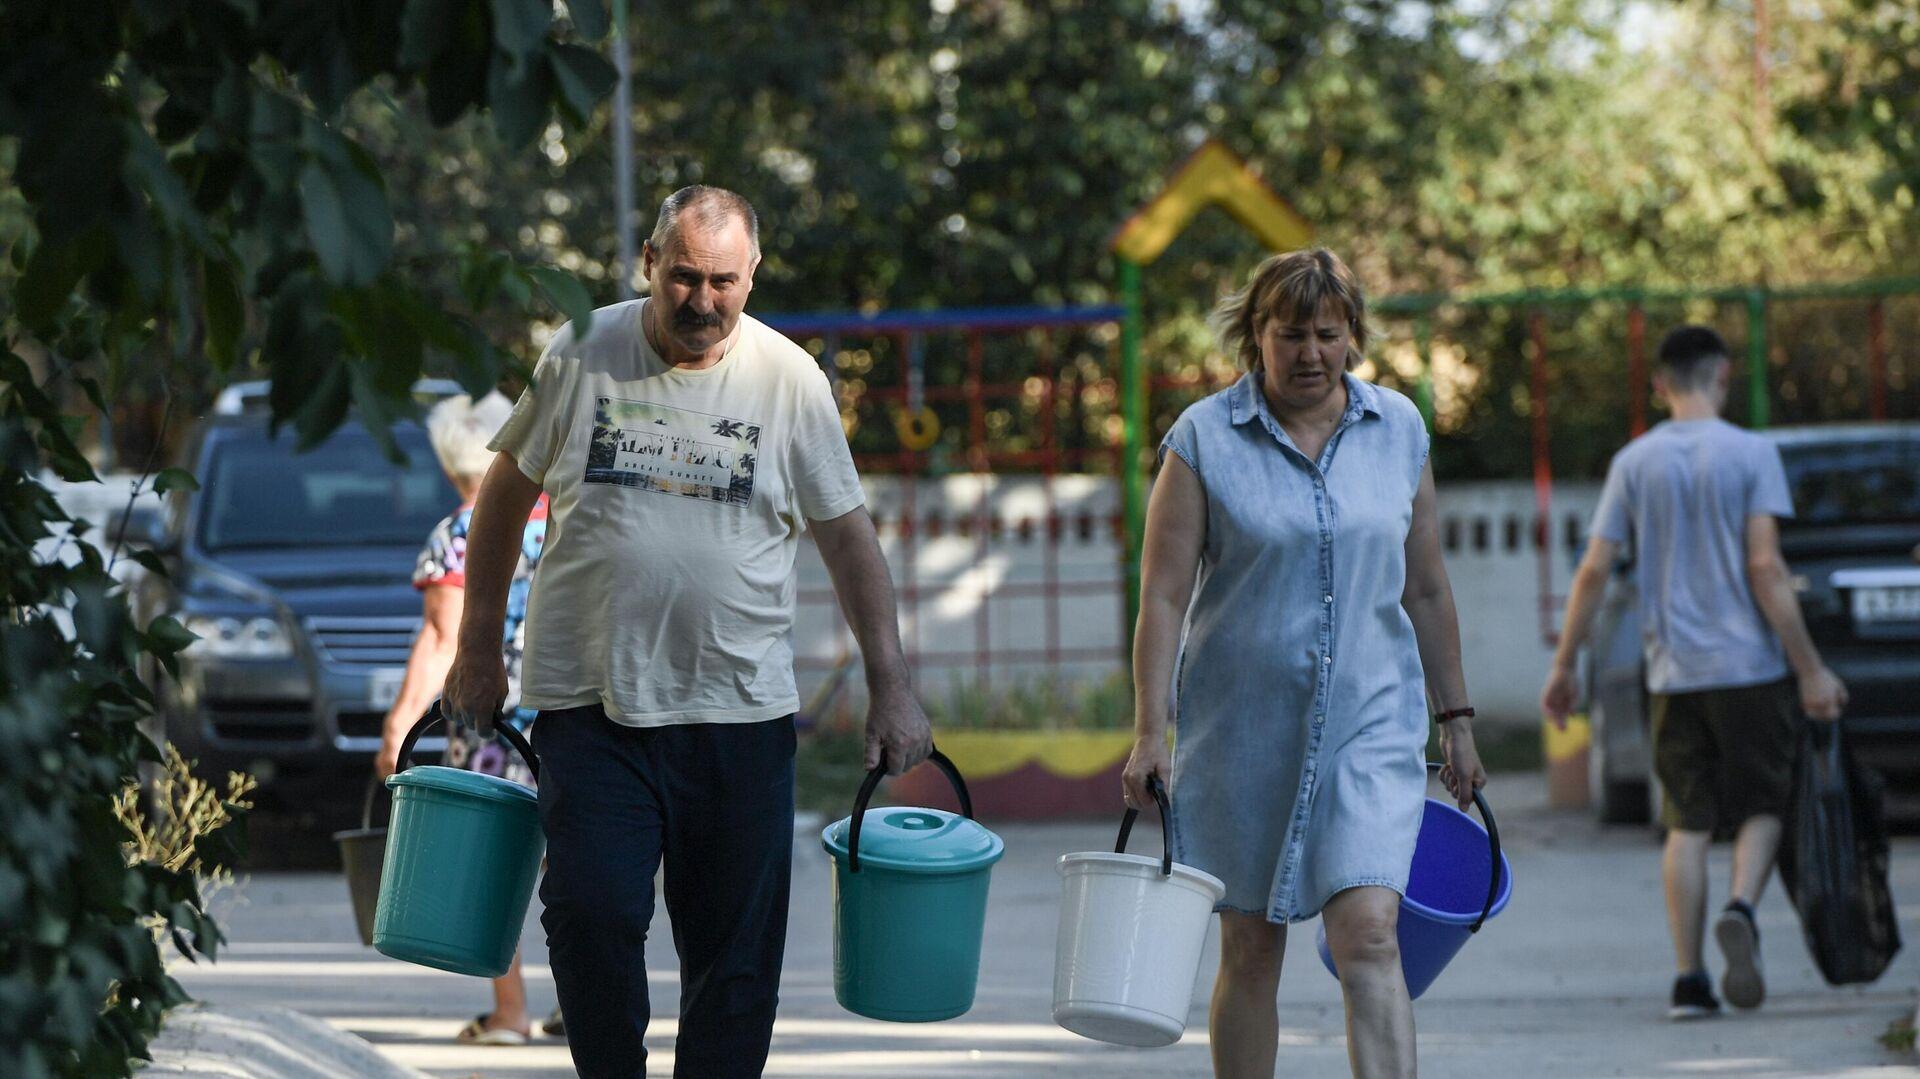 Жители Cимферополя идут чтобы набрать в емкости питьевую воду, привезенную в цистернах - РИА Новости, 1920, 24.09.2020